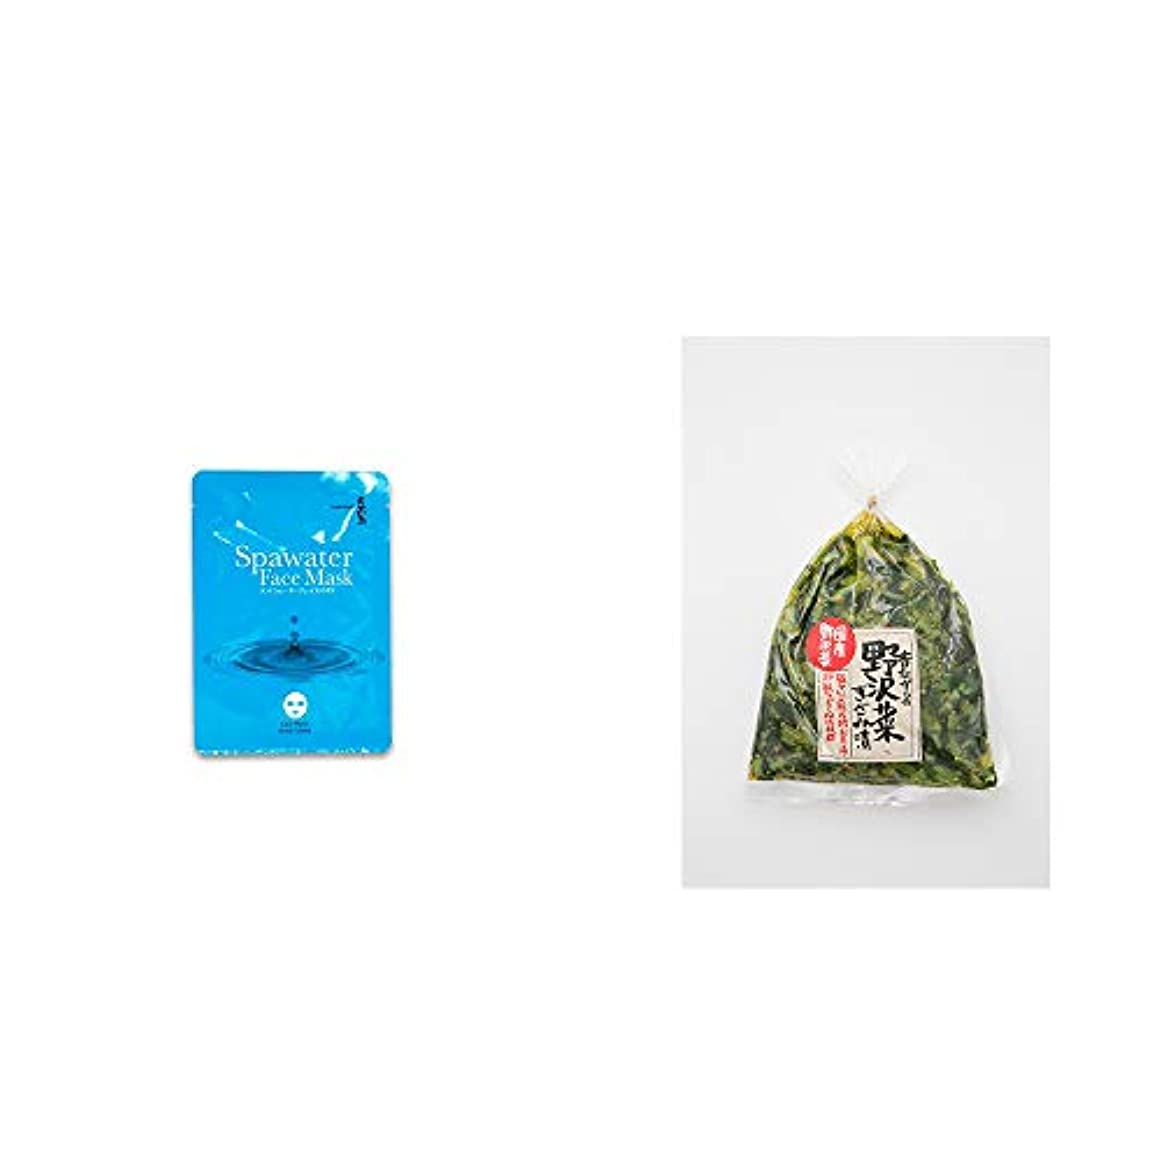 ルーキースロットソケット[2点セット] ひのき炭黒泉 スパウォーターフェイスマスク(18ml×3枚入)?国産 昔ながらの野沢菜きざみ漬け(150g)